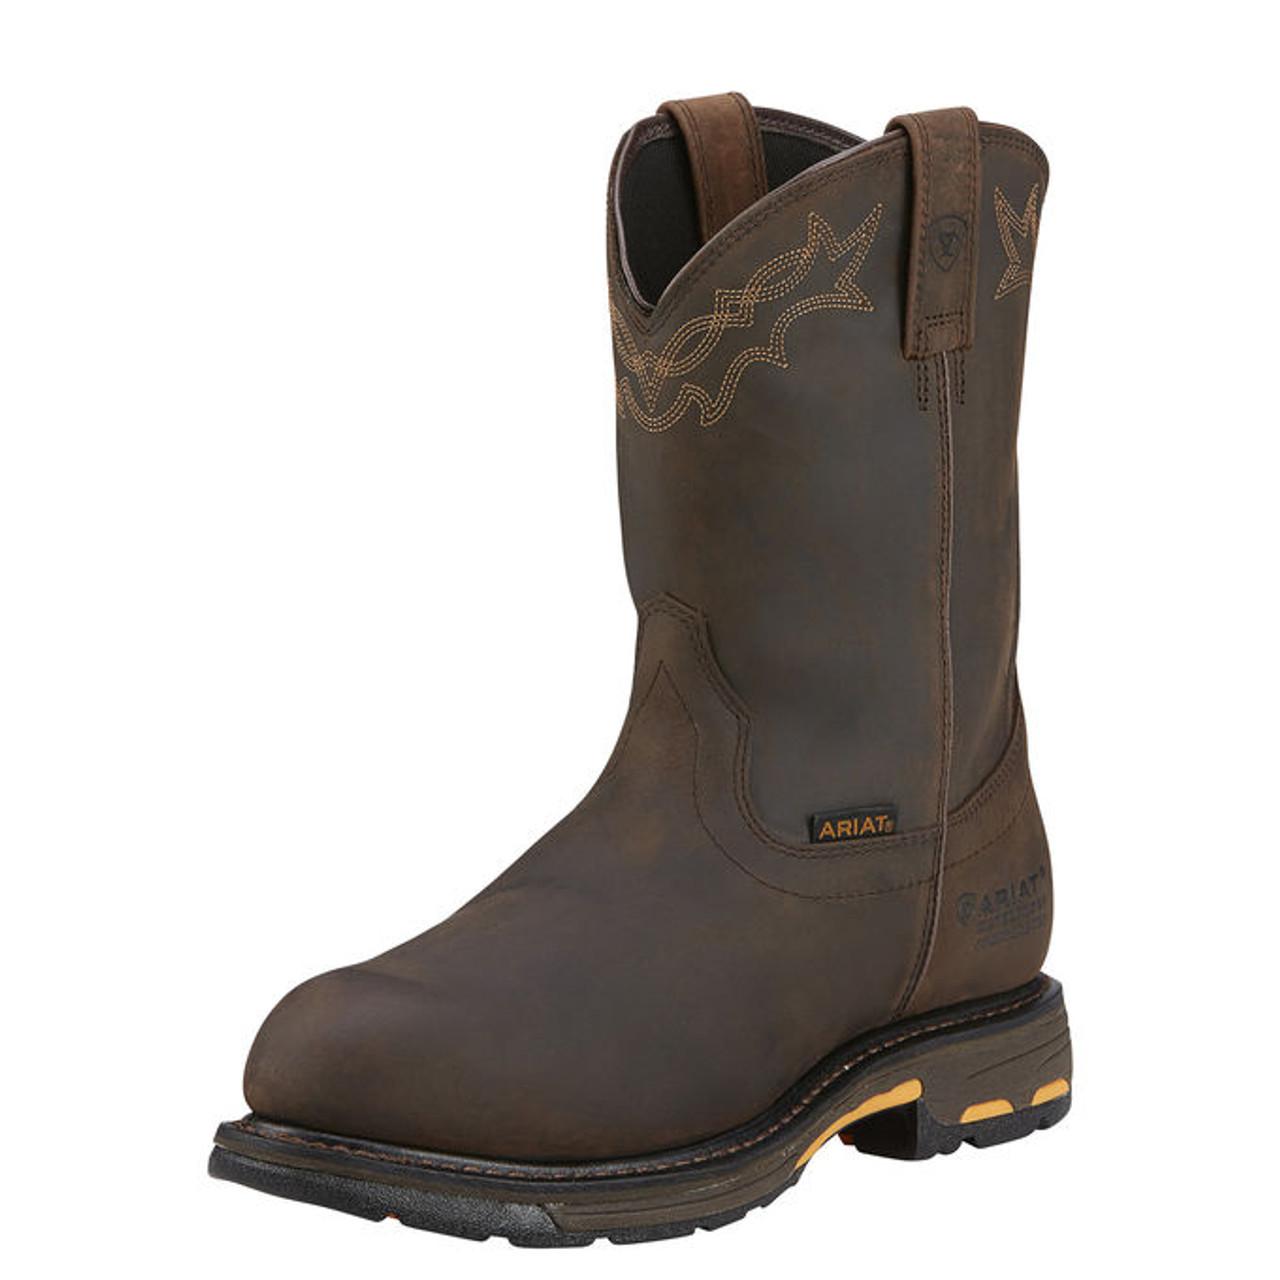 Ariat WorkHog Waterproof Composite Toe Work Boots